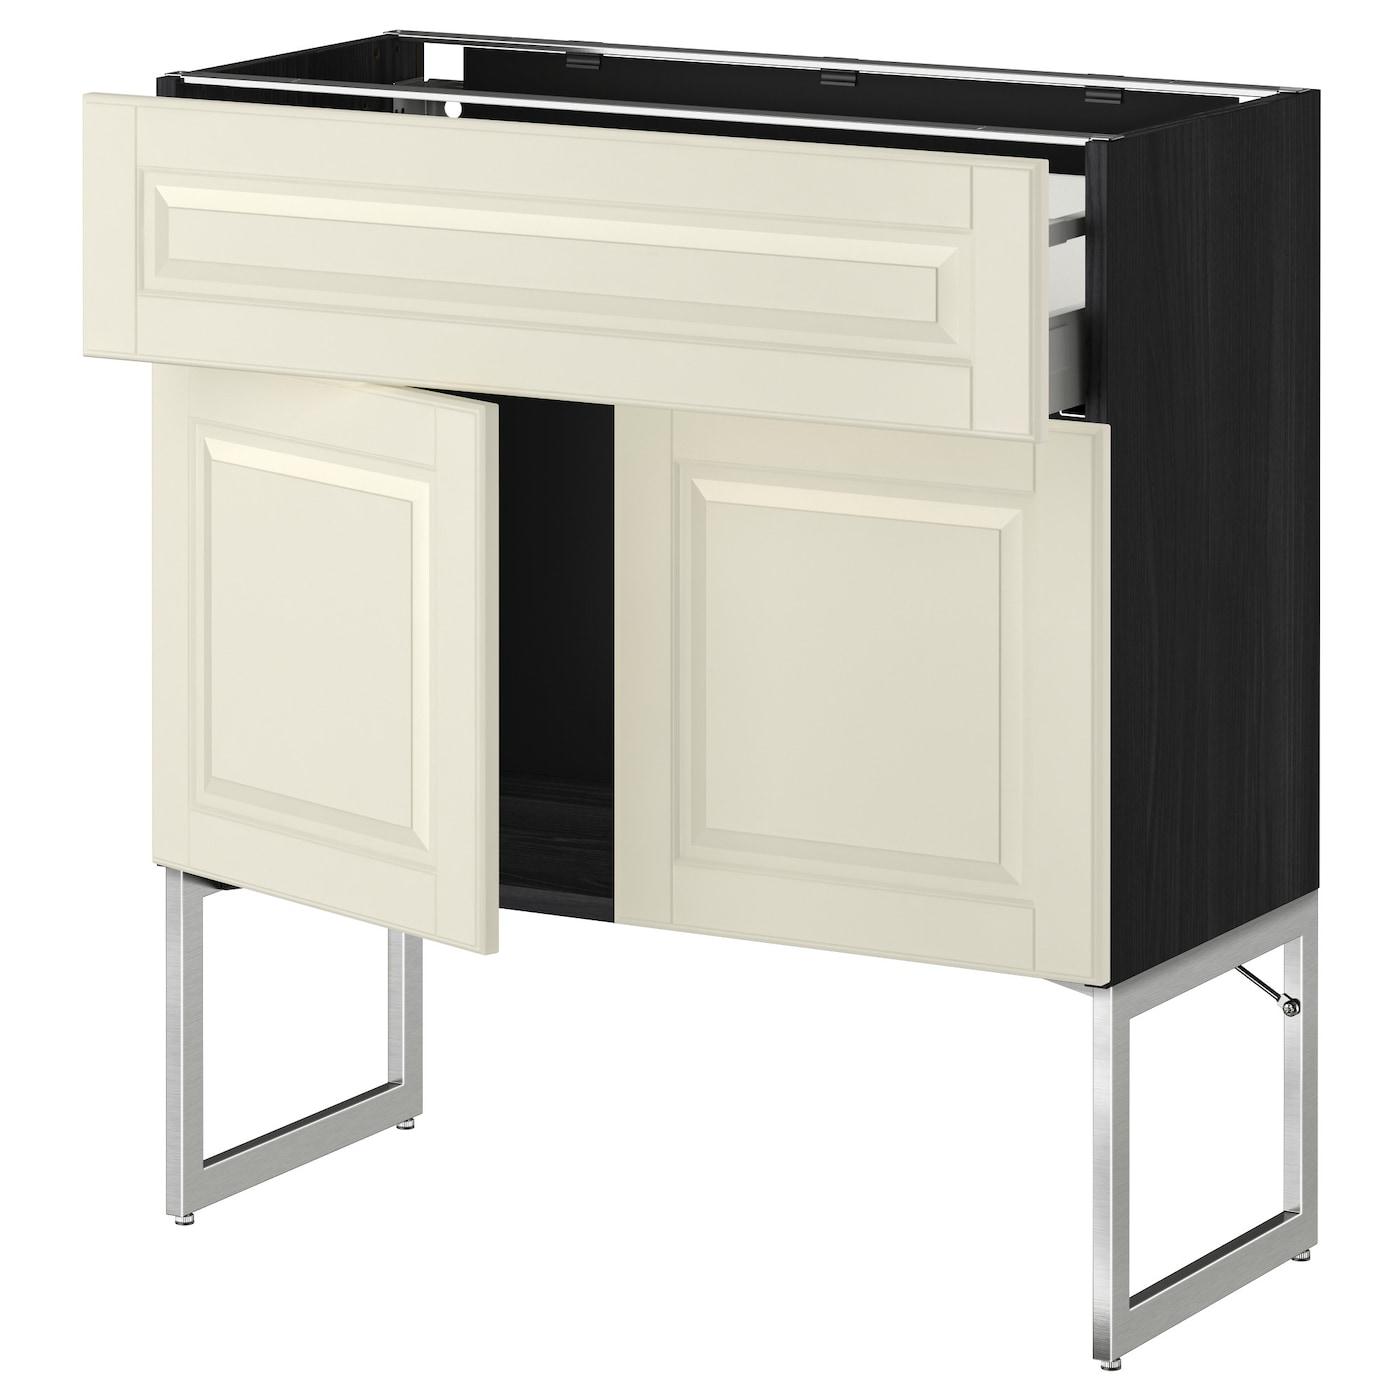 Metod maximera base cabinet shelves drawer 2 doors black for Black kitchen base cabinets